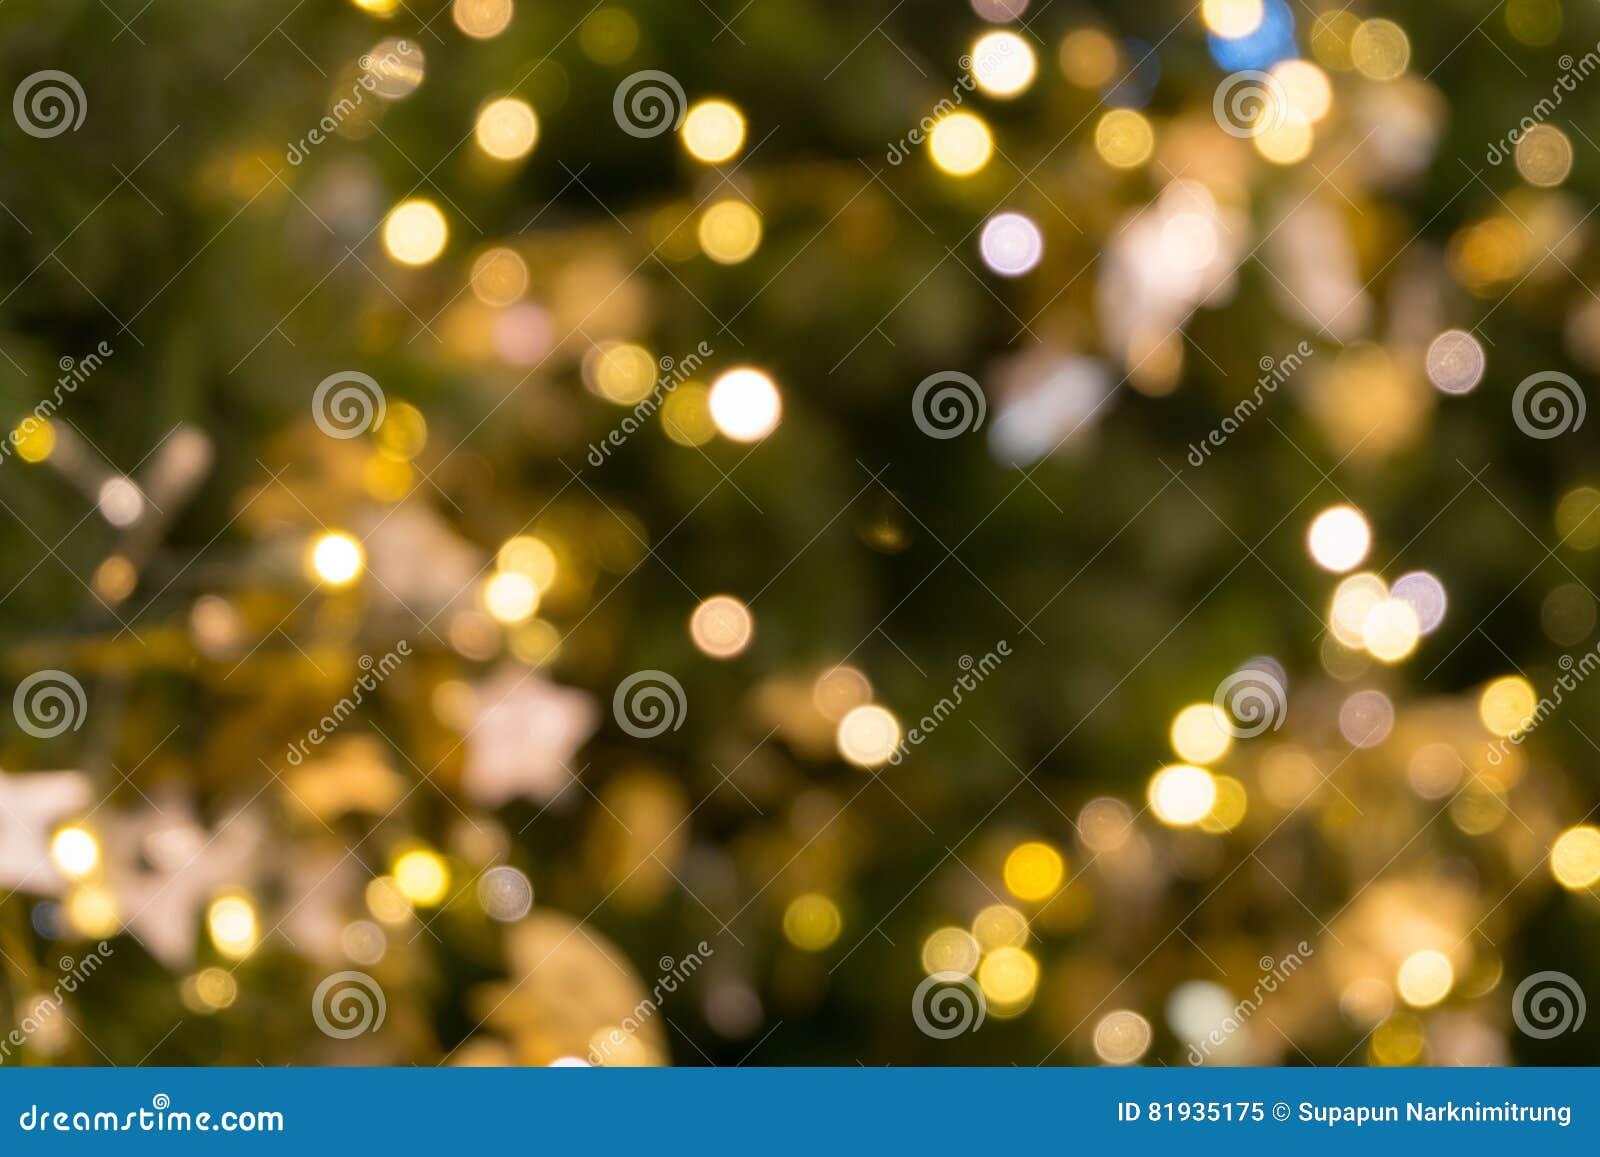 La luz del bokeh del árbol de navidad en el color de oro amarillo verde, fondo abstracto del día de fiesta, empaña defocused